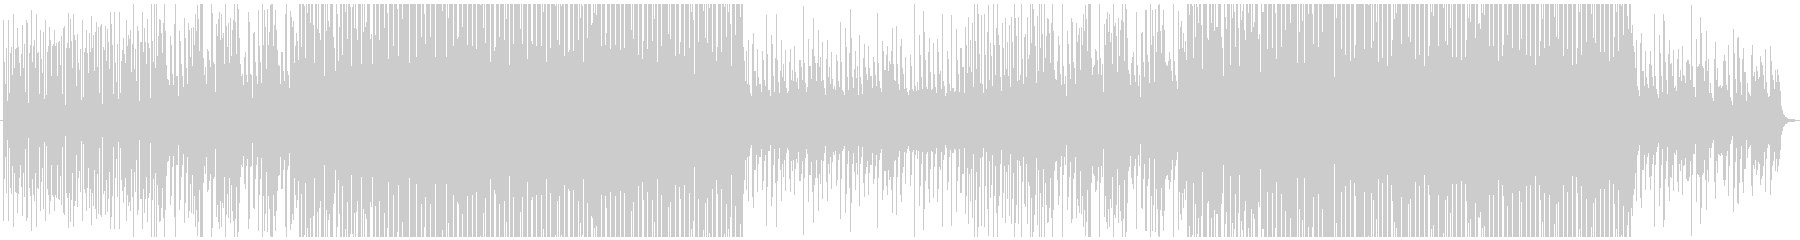 ヒマワリをイメージした明るく優しい楽曲の未再生の波形